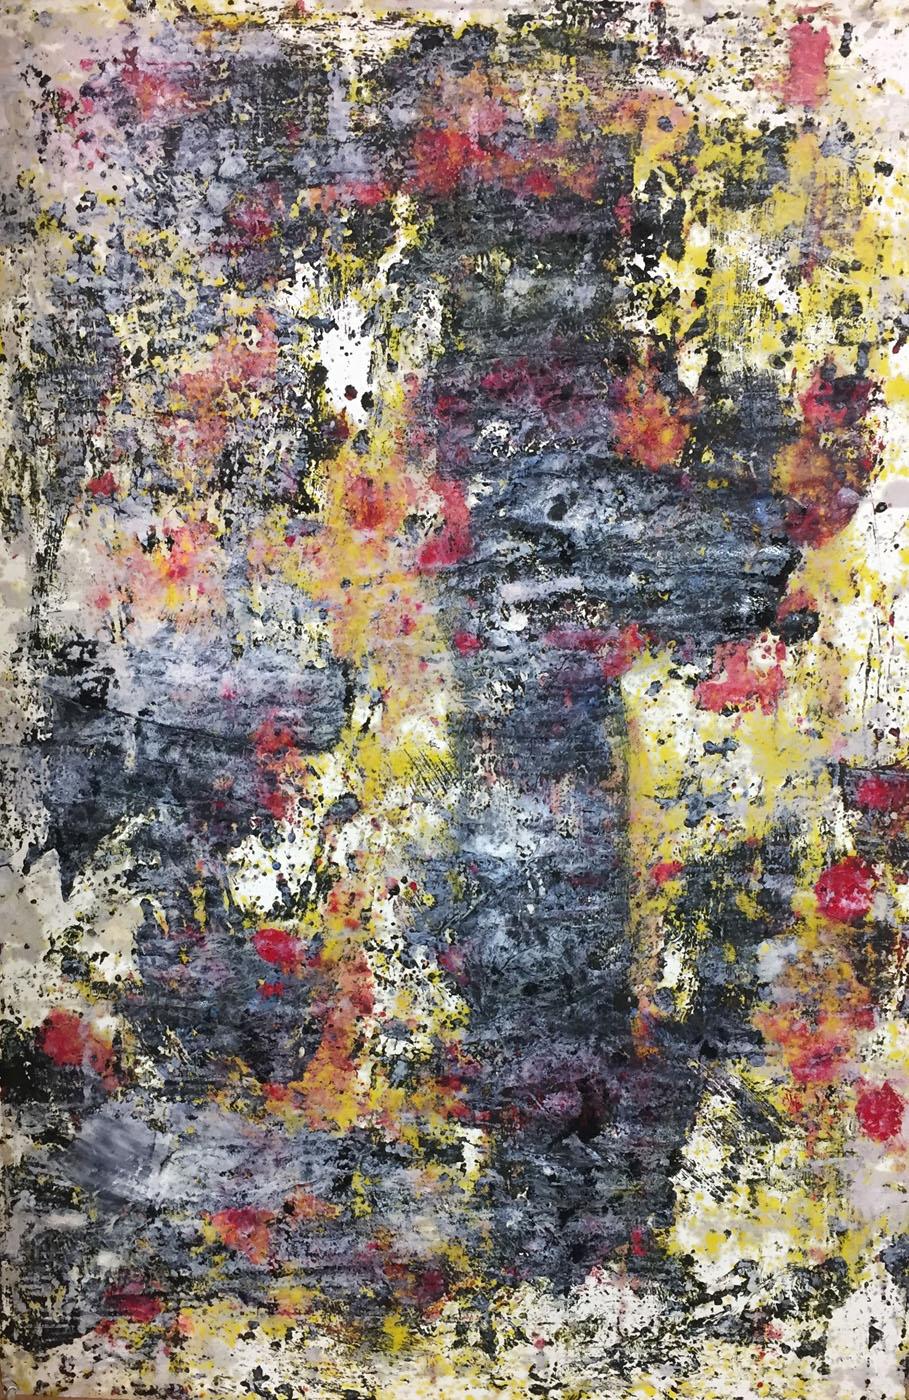 MARC FELD 2019 DÉFLAGRATION DES SOURCES 1 Huile, pigment et gouache sur papier 89 X 130 cm